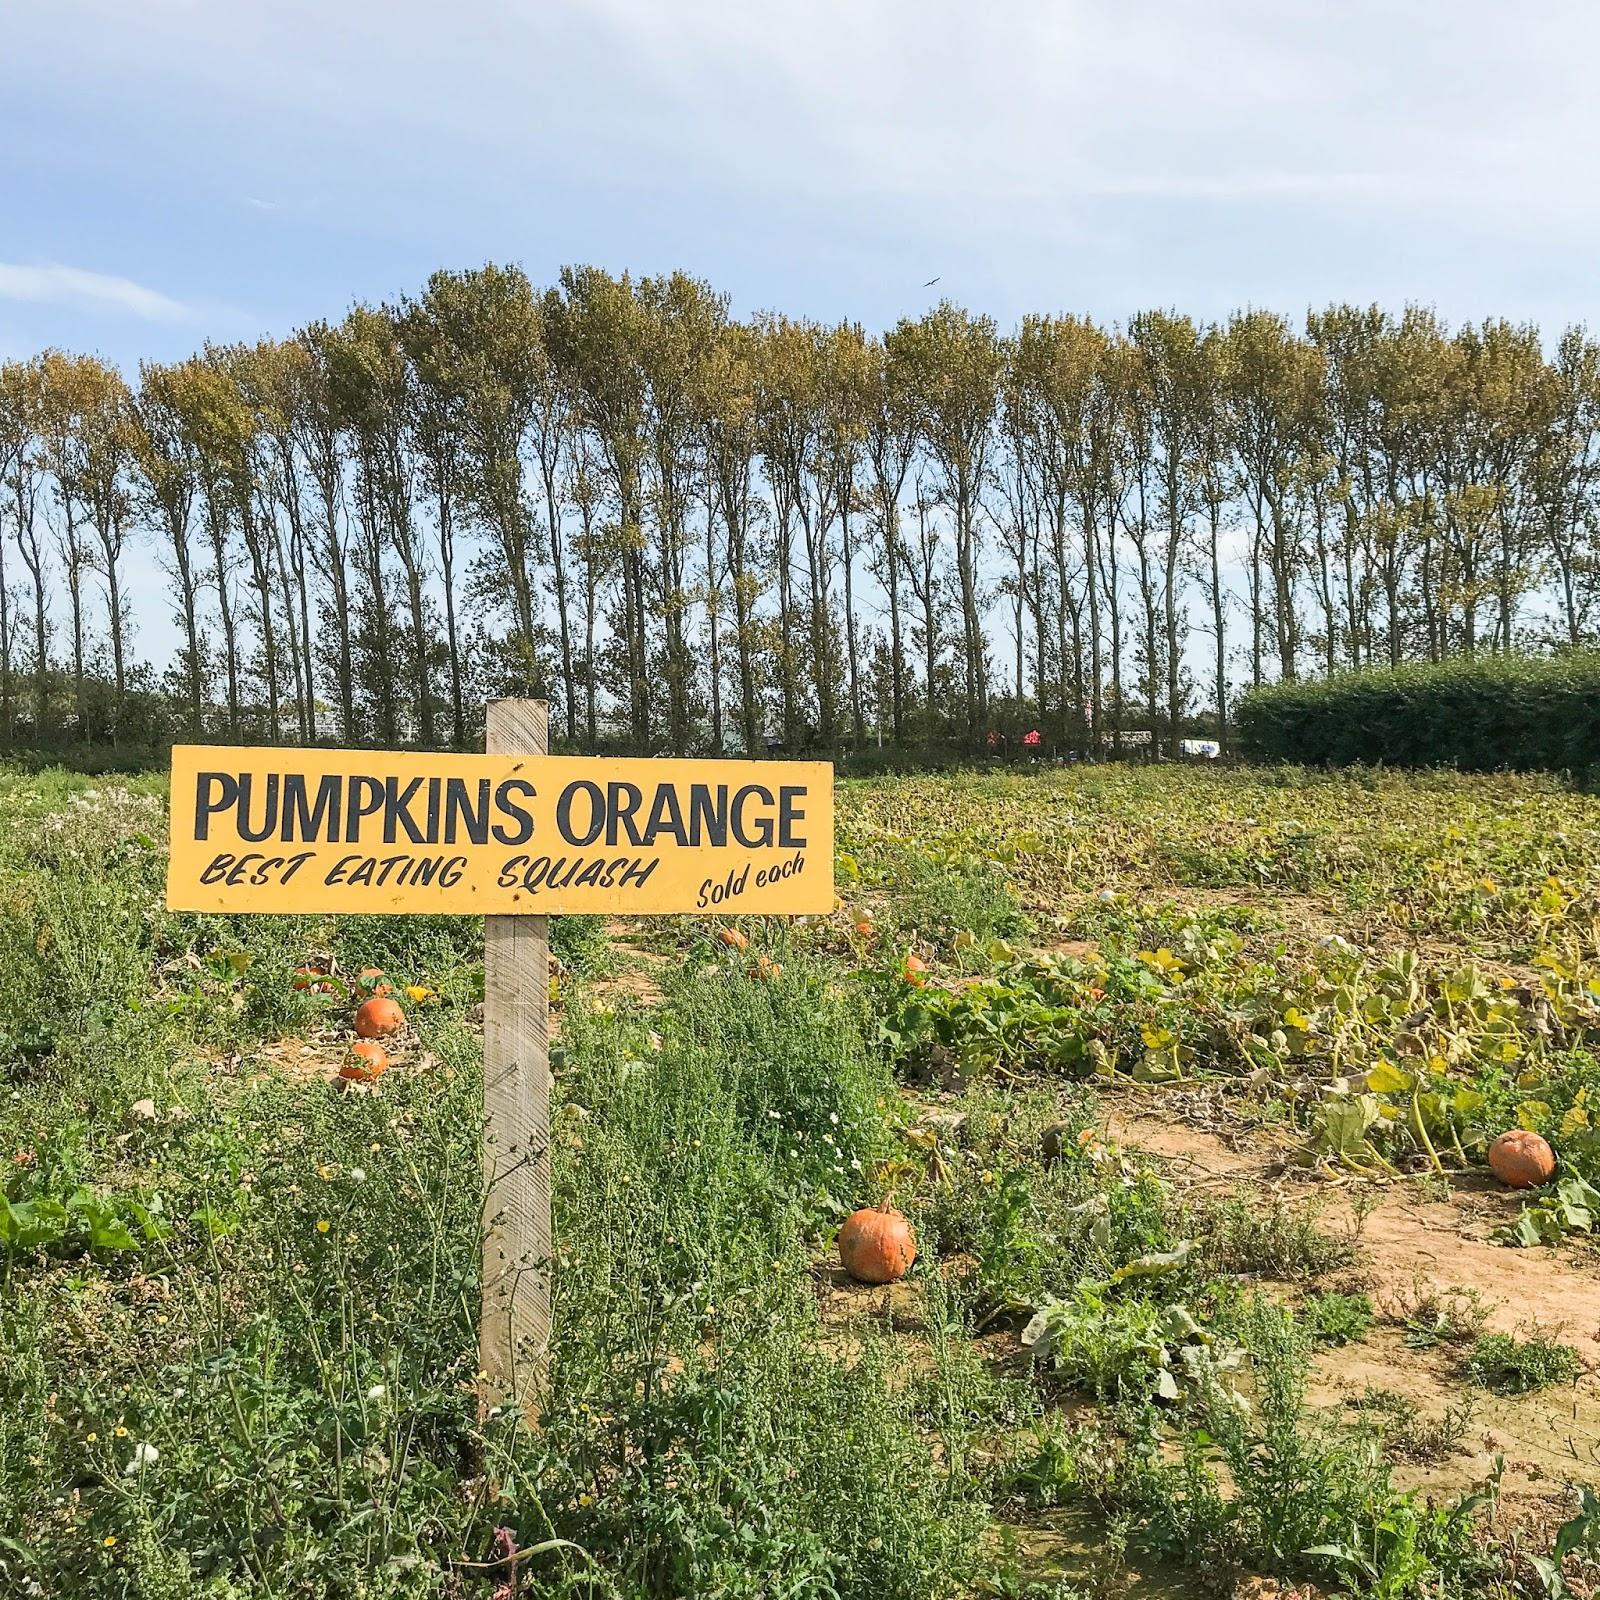 Roundstone PYO Farm